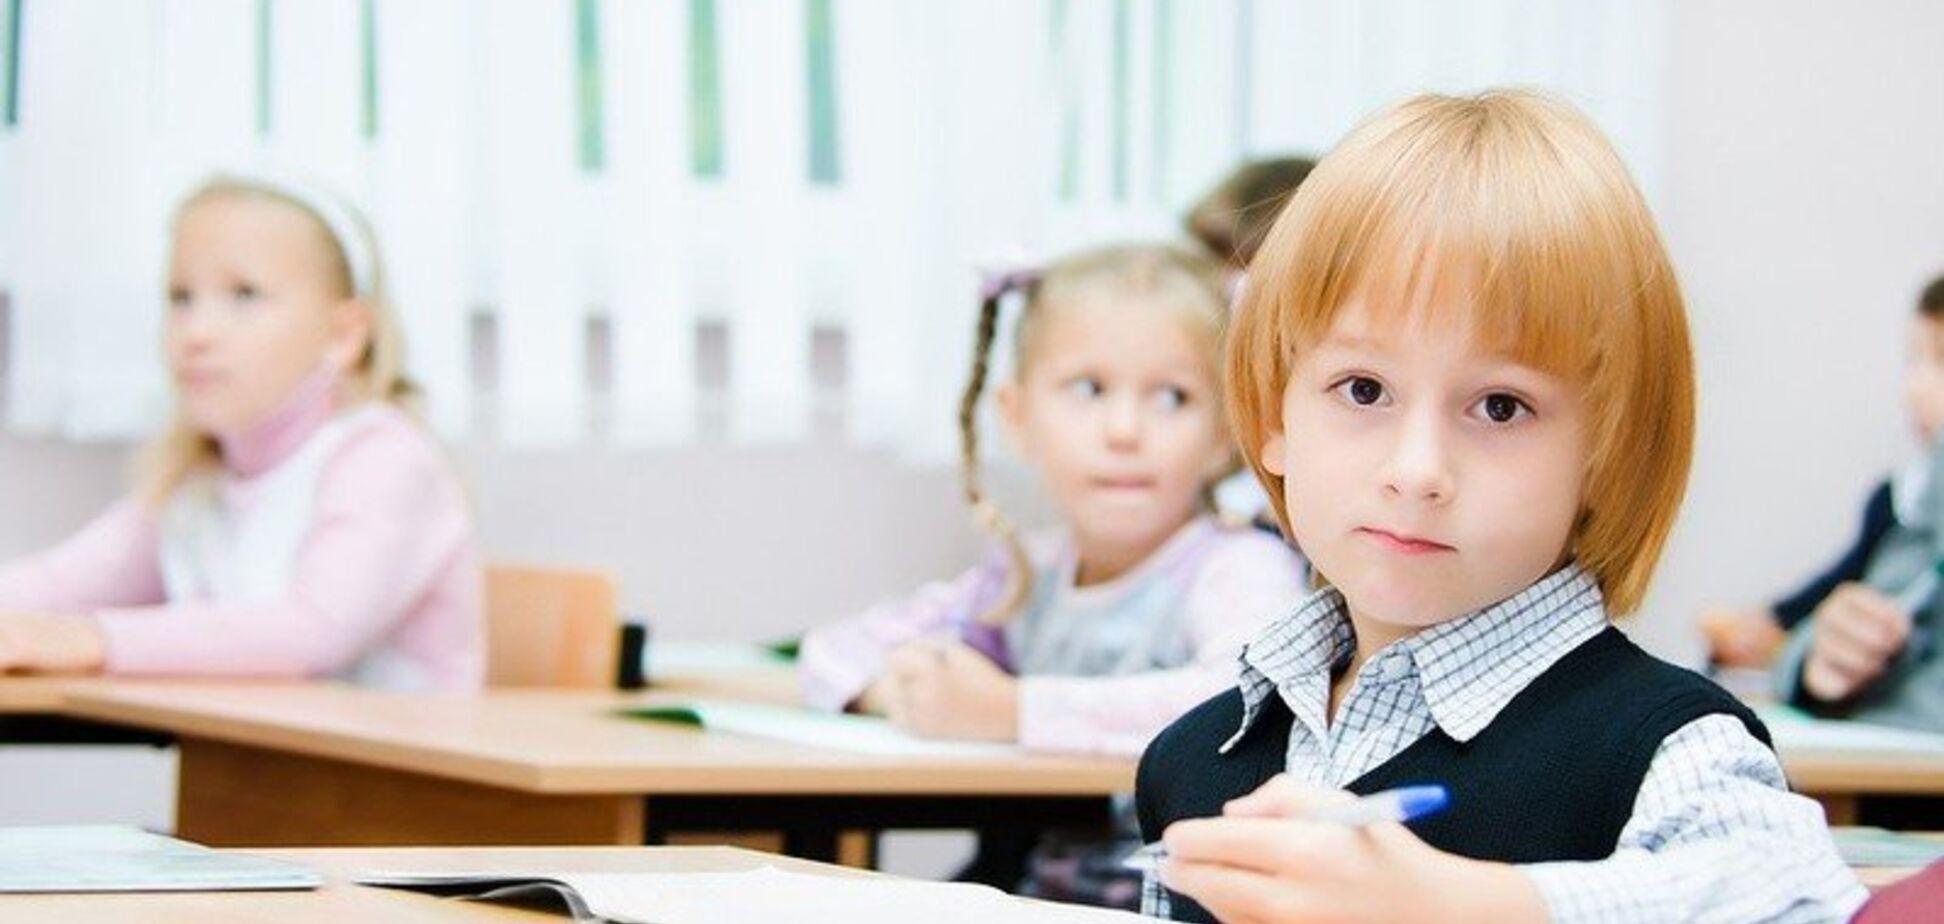 В школу можно ходить с кашлем и температурой: Супрун назвала условие